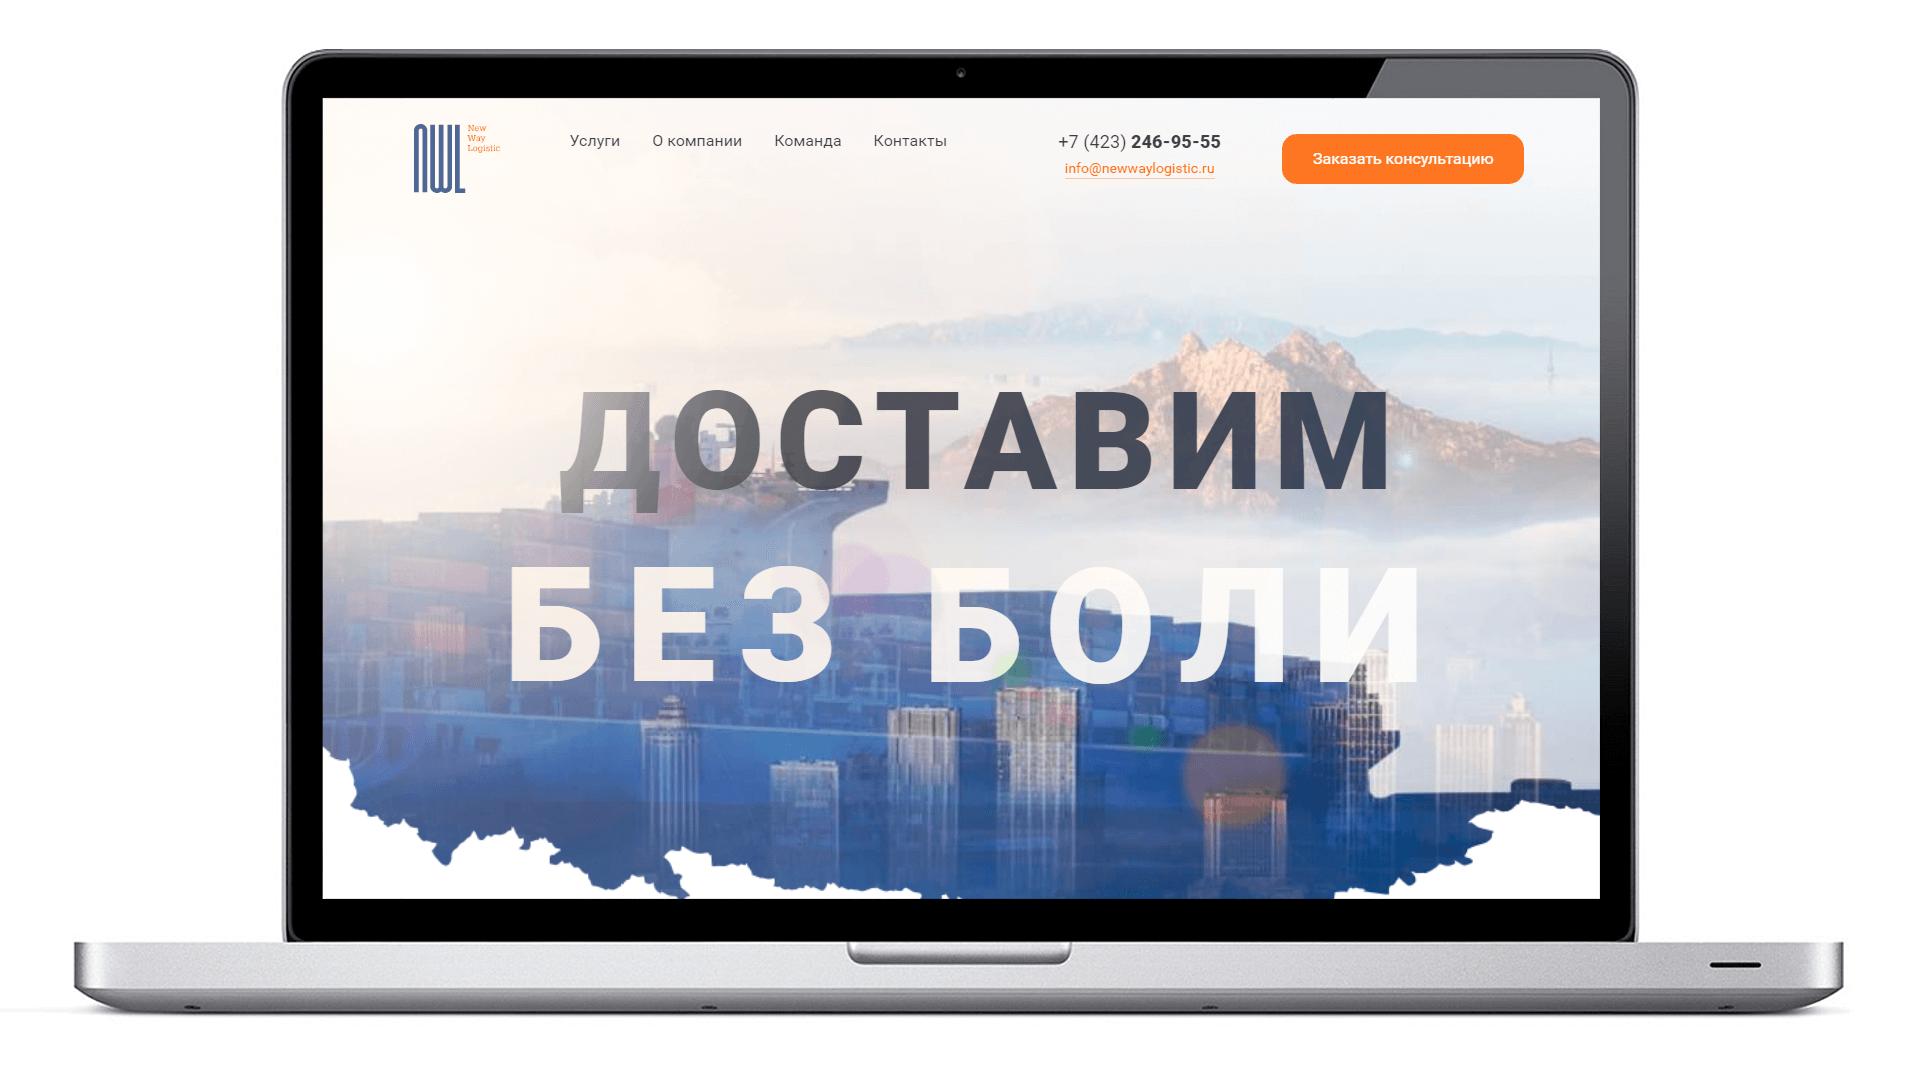 <p><p>New Way Logistic— компания, которая перевозит грузы повсей России.<br> Рынок перевозчиков весьма густозаселён, поэтому здесь так важно уверенно заявить осебе.</p>